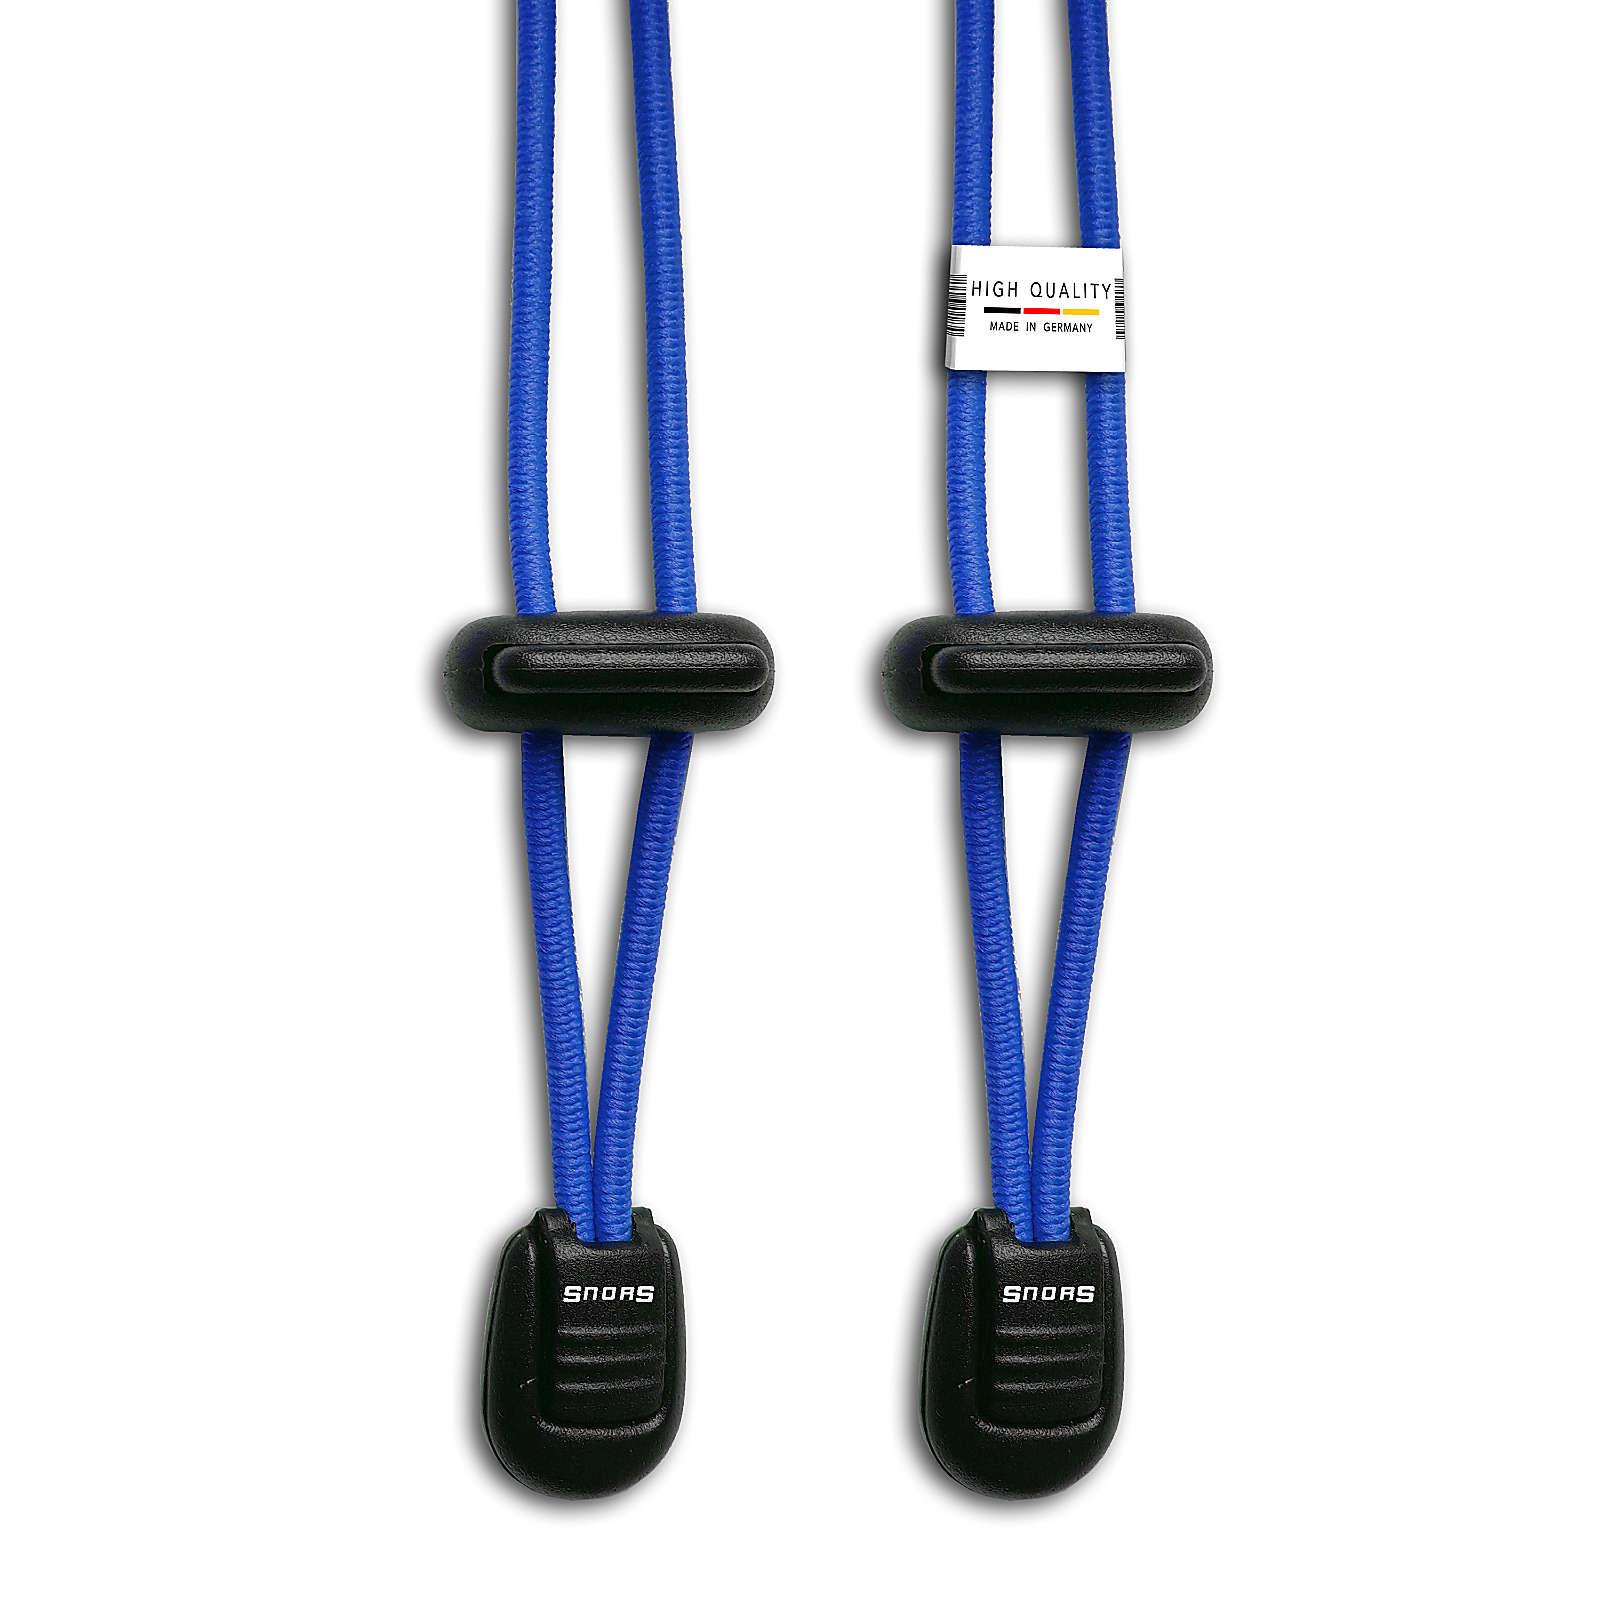 SNORS shoefriends Schnürsystem 120cm - elastische Schnürsenkel mit Schnellverschluss Schnürsenkel blau Gr. 120